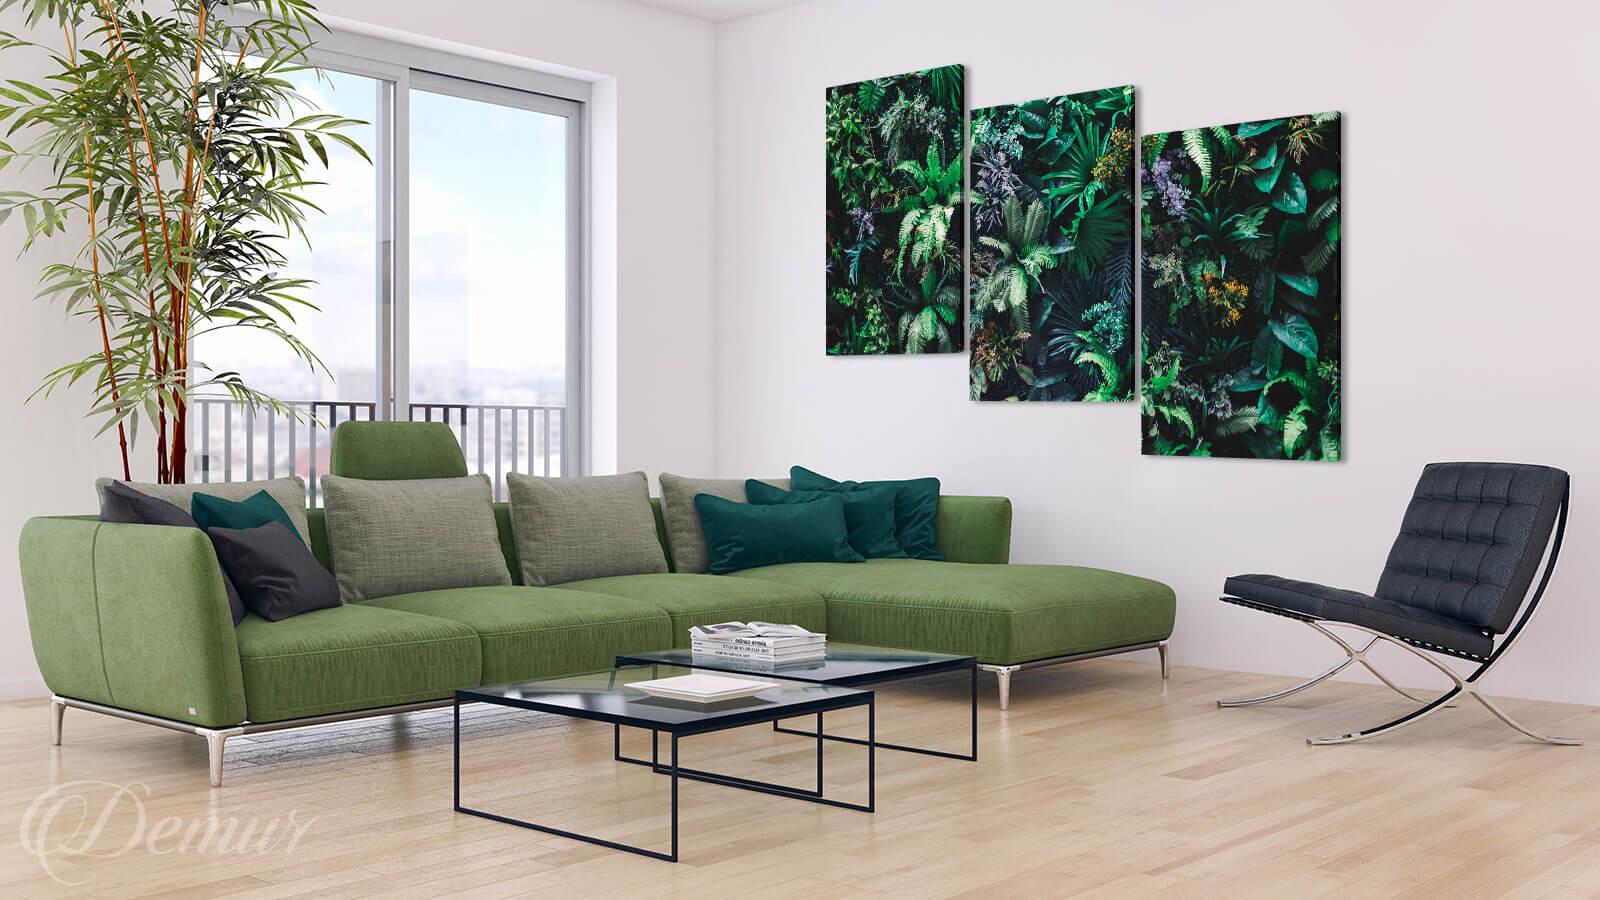 Obraz Tropikalna Flora - Obrazy Tryptyki do salonu - Demur